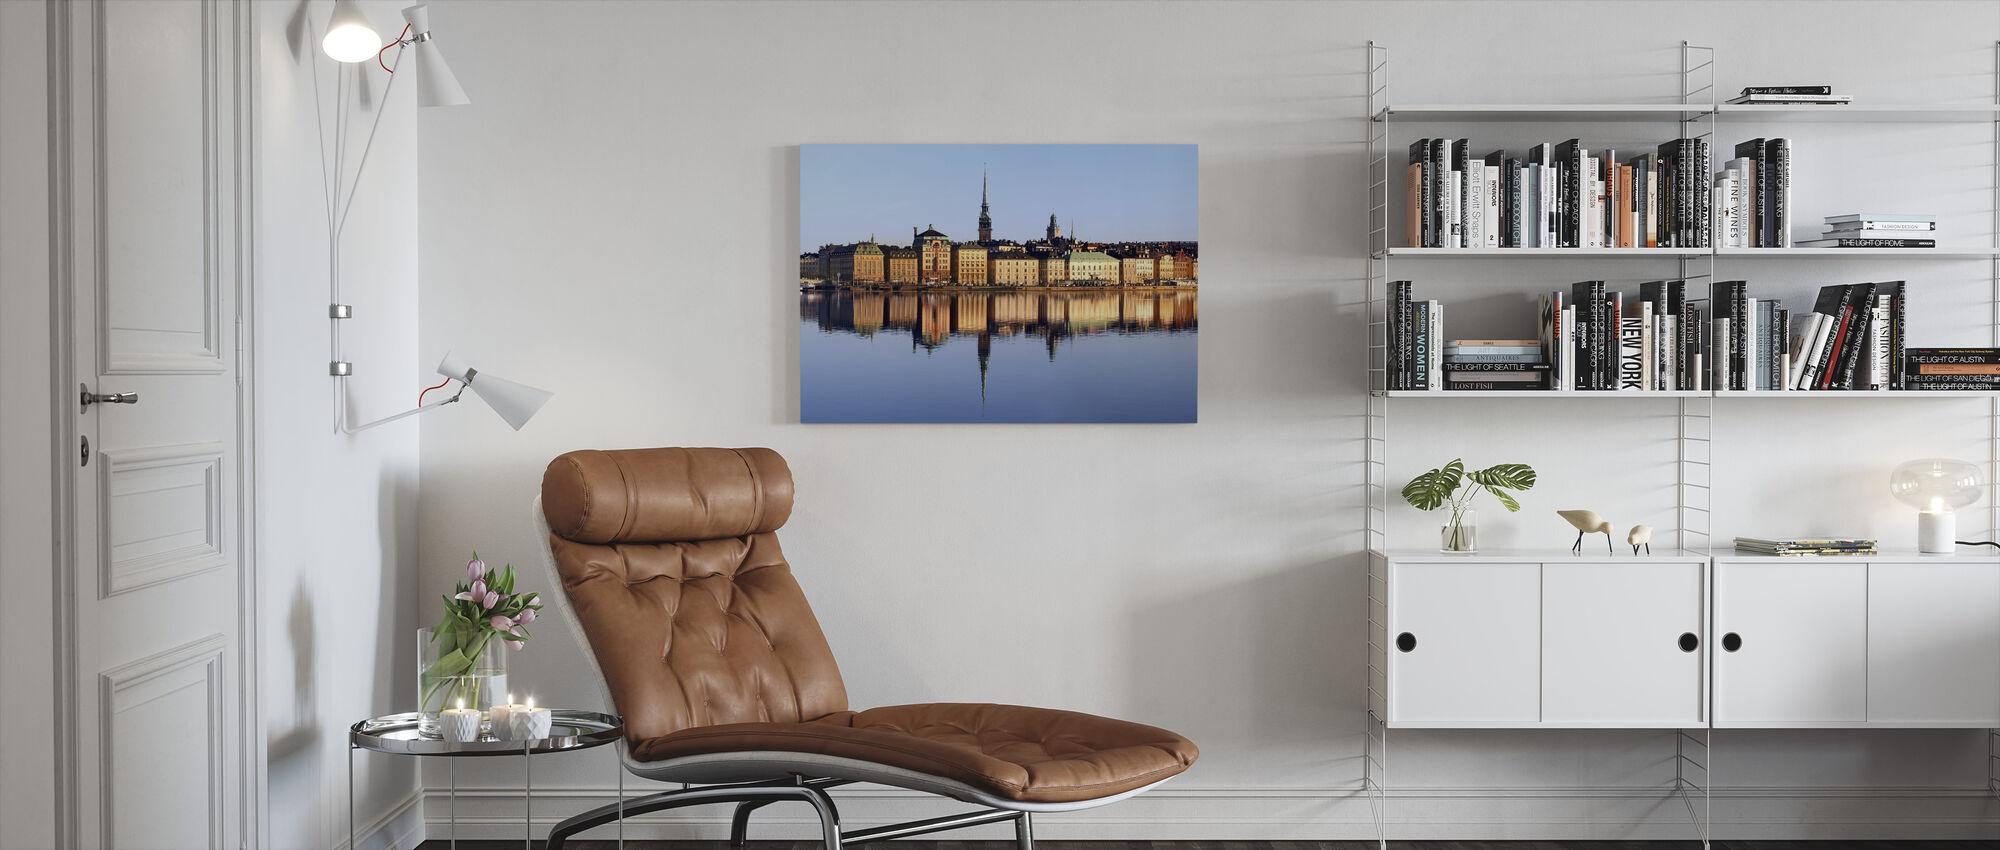 Stockholm Skeppsbron - Canvastavla - Vardagsrum